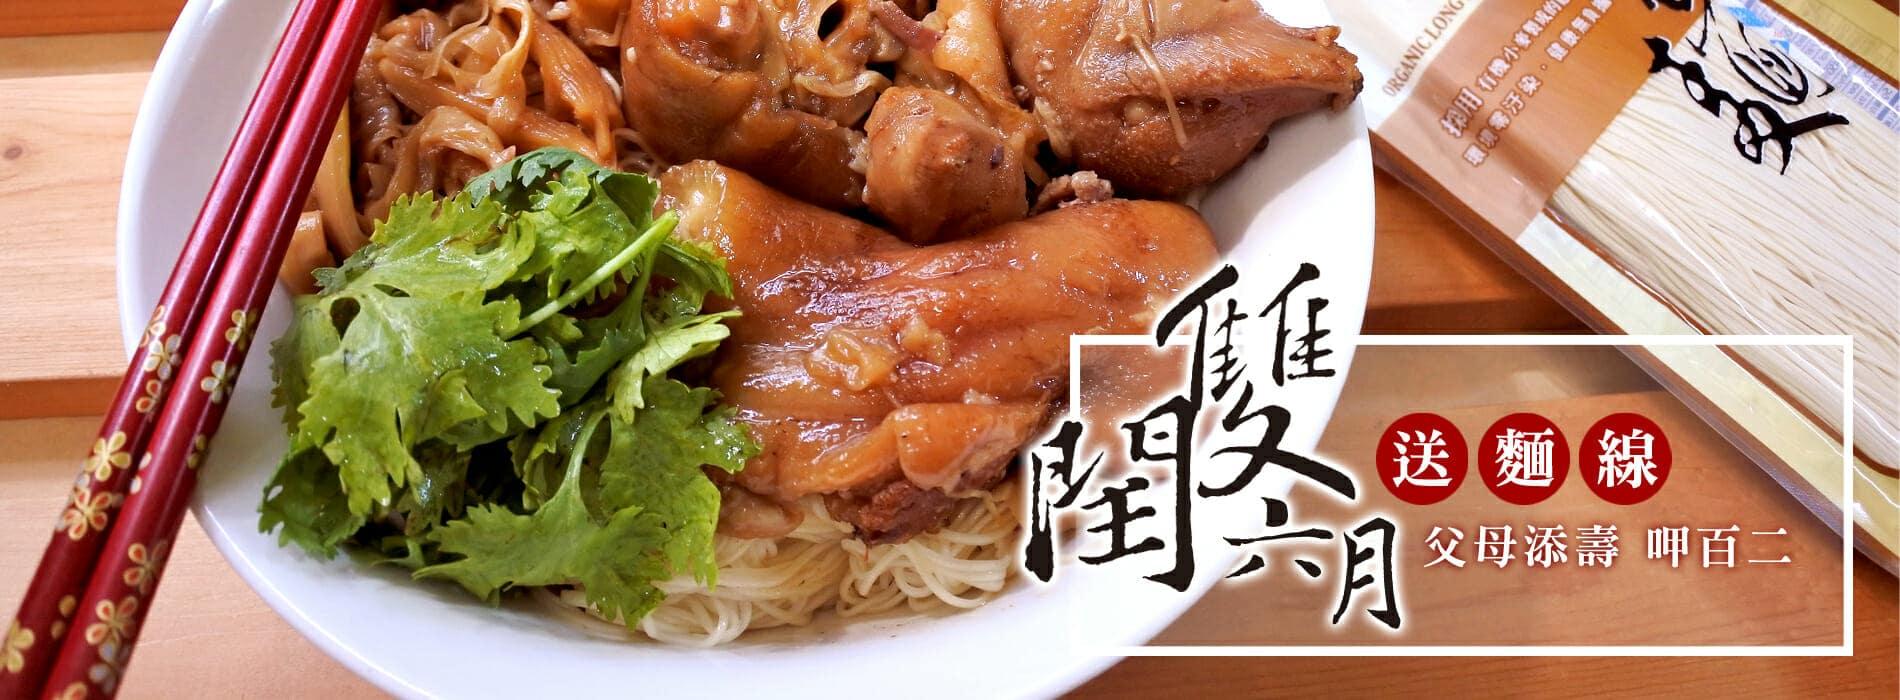 ◤最新消息◢閏雙六月送麵線 父母添壽呷百二 - 1